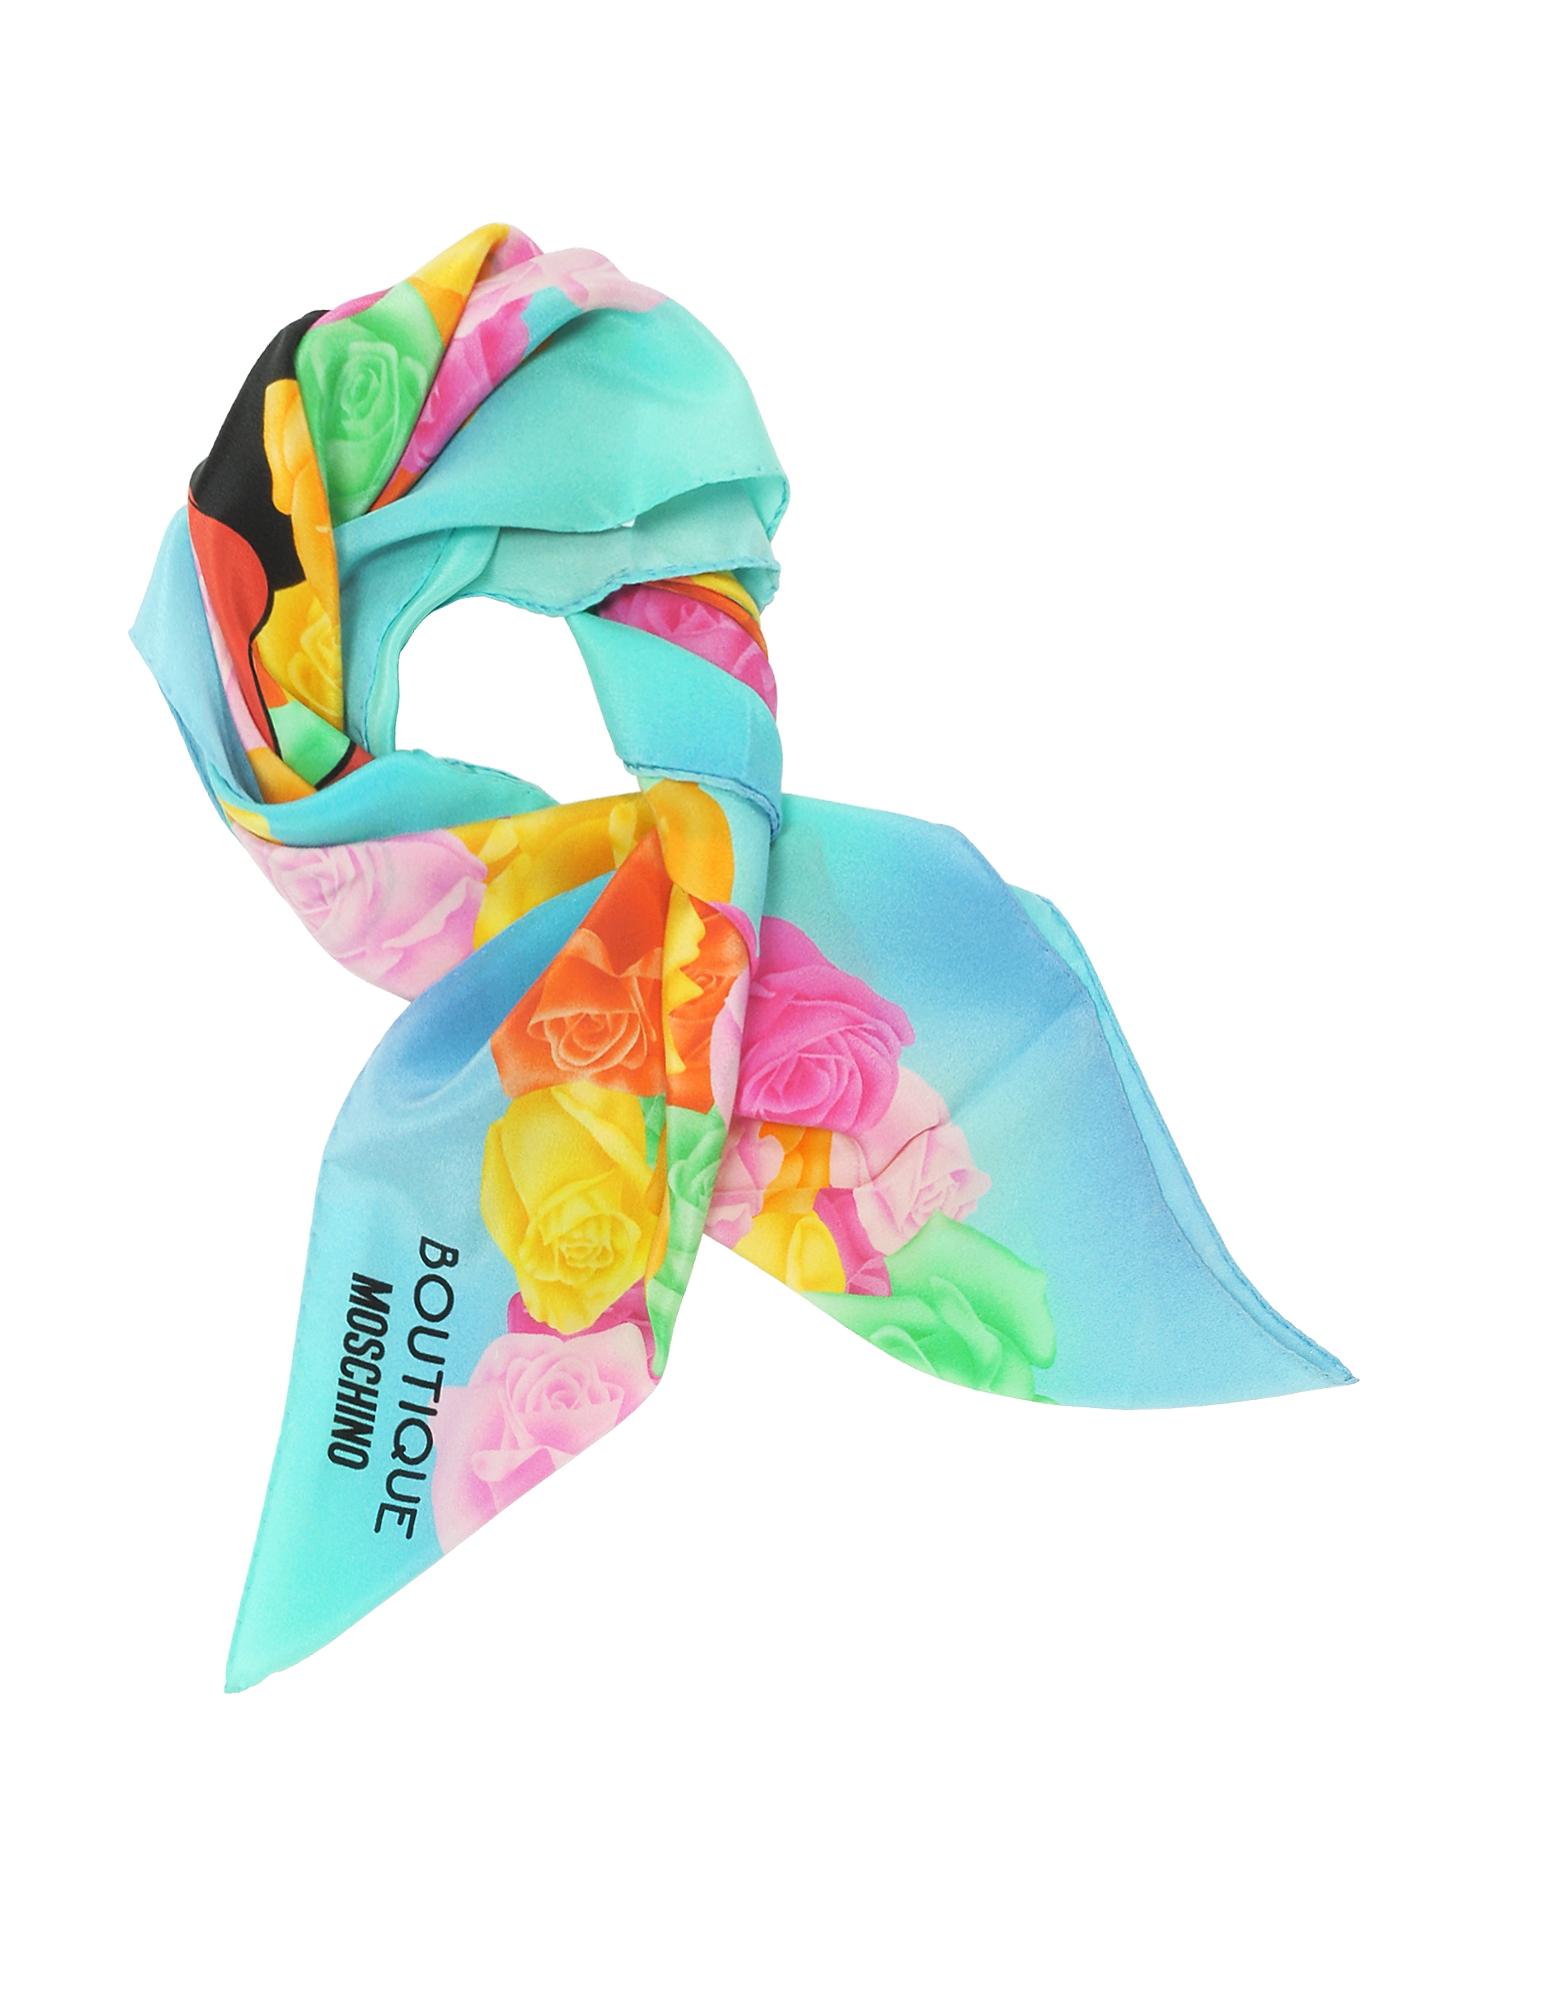 Boutique Moschino - Голубая и Разноцветная Косынка из Креп Шелка с Принтом Роз и Olive Oyl